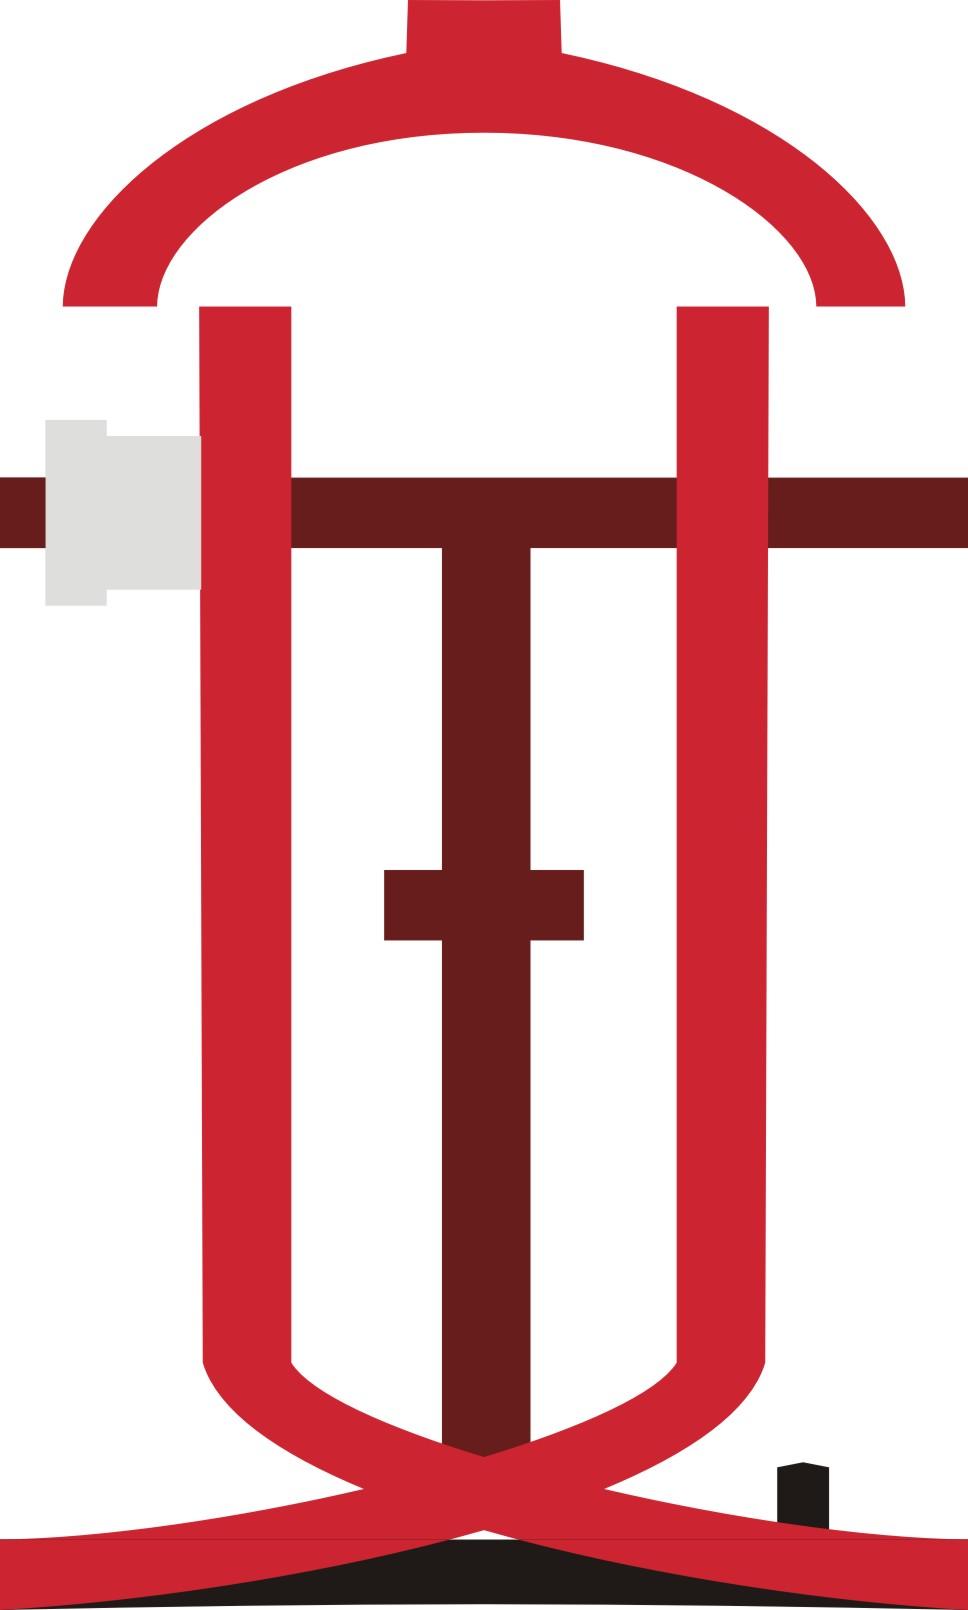 帮消防公司设计的logo